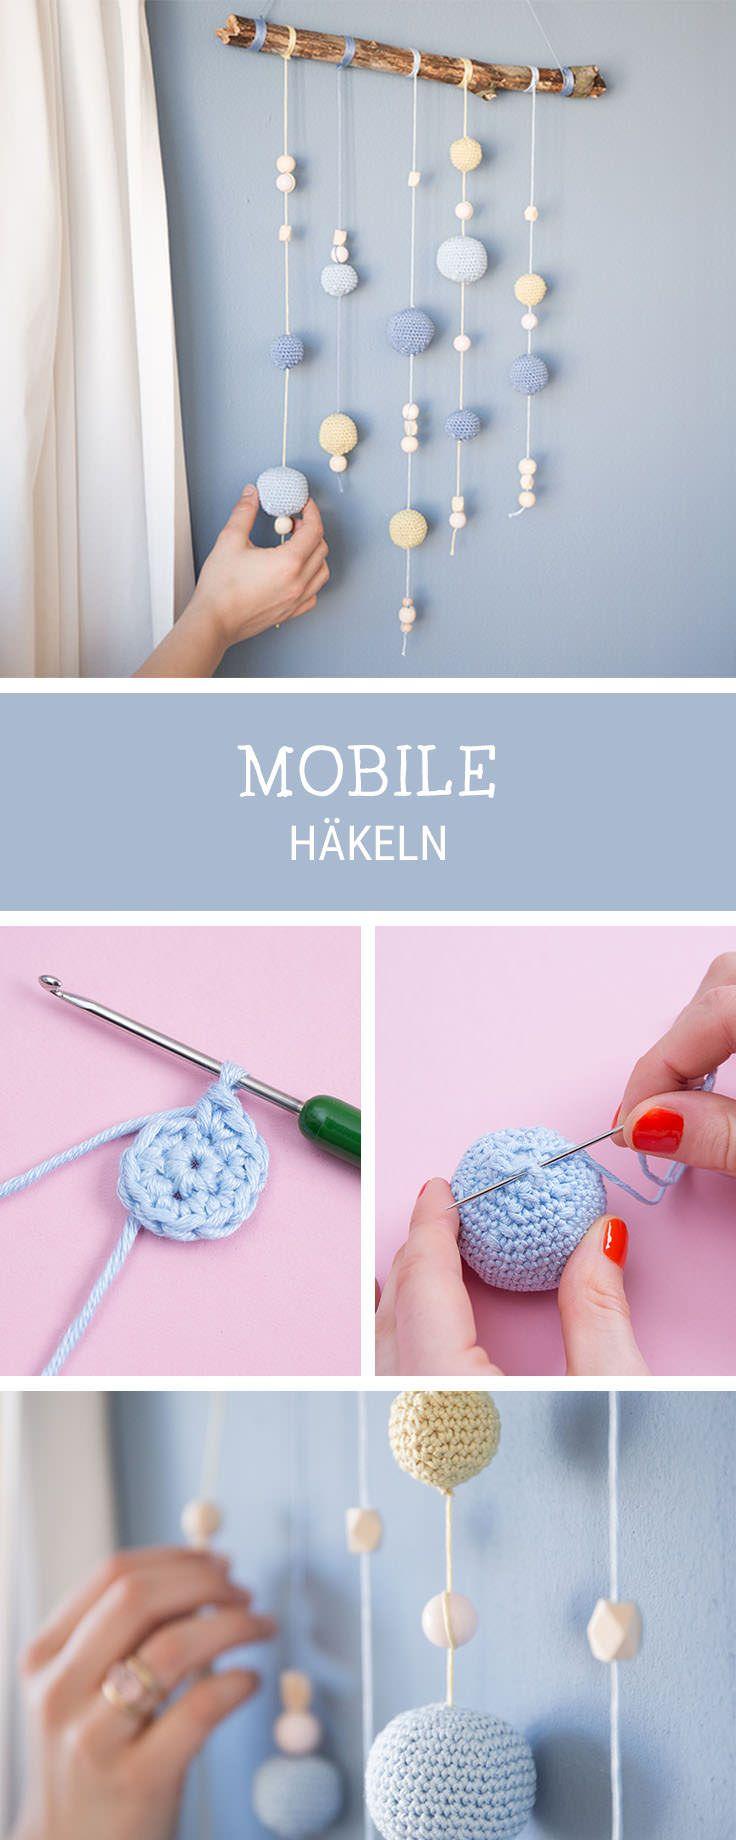 Photo of Häkelanleitung für das Kinderzimmer: Mobile Häkelanleitung für das Babybett / die Häkelarbeit …